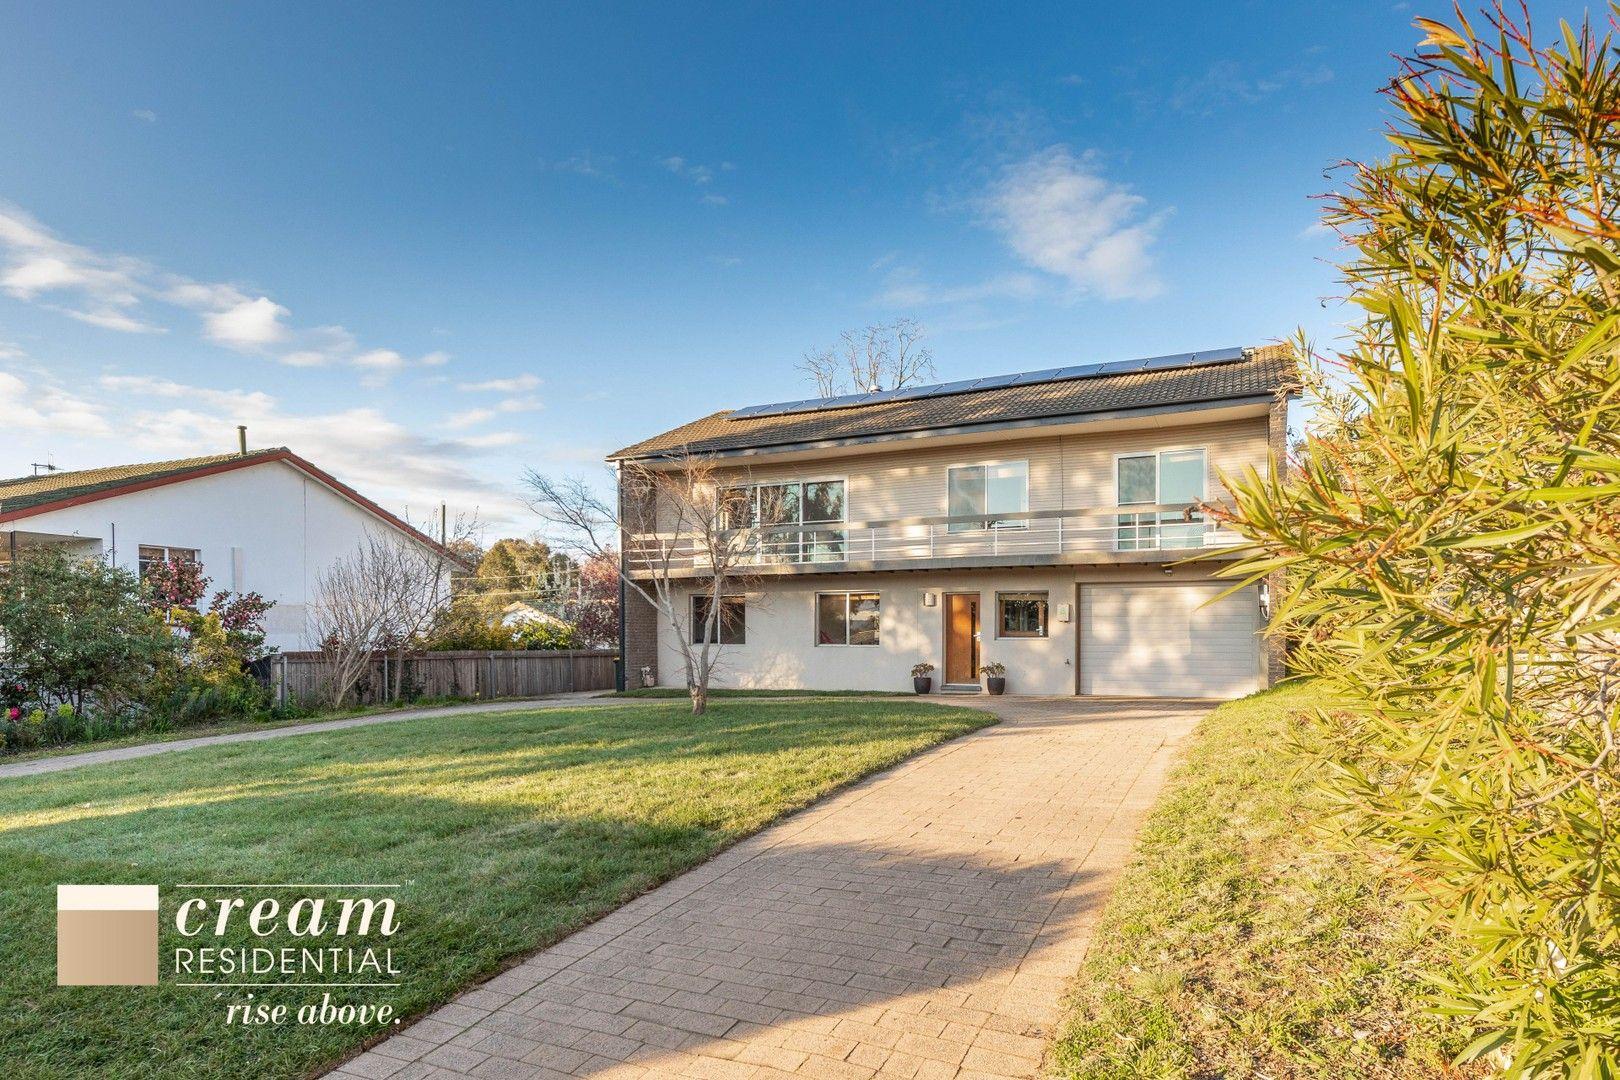 4 bedrooms House in 49 Gilmore Crescent GARRAN ACT, 2605